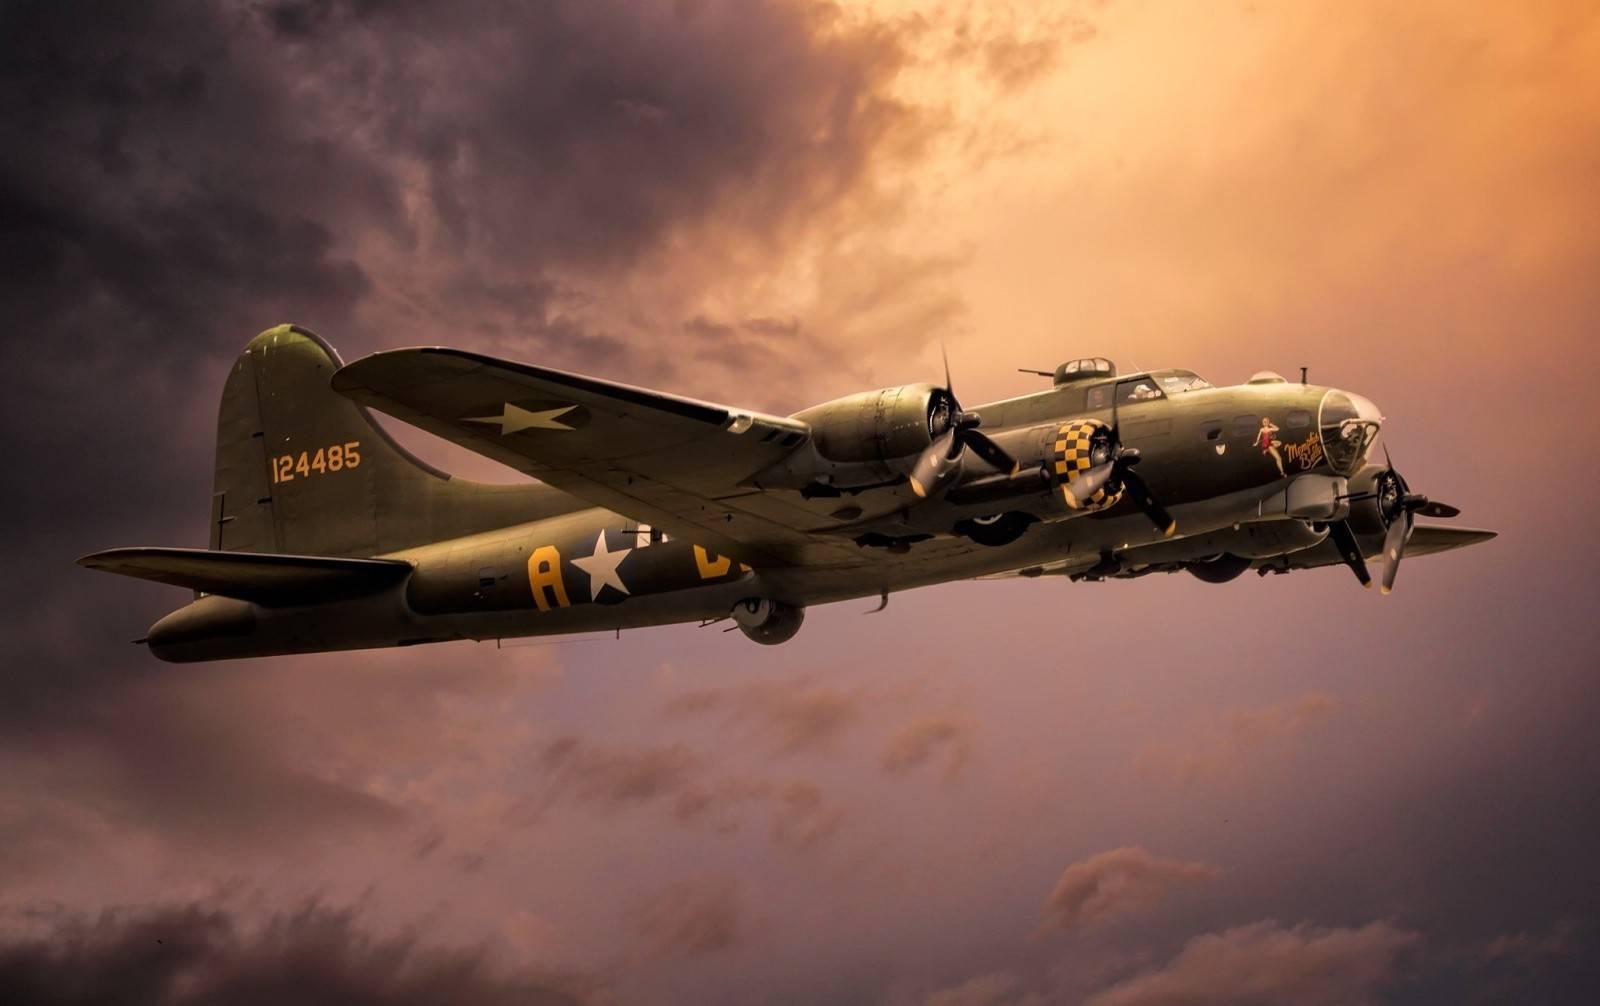 Немецкий ас гейнц бэр осматривает сбитый им американский бомбардировщик b-17 | военный альбом